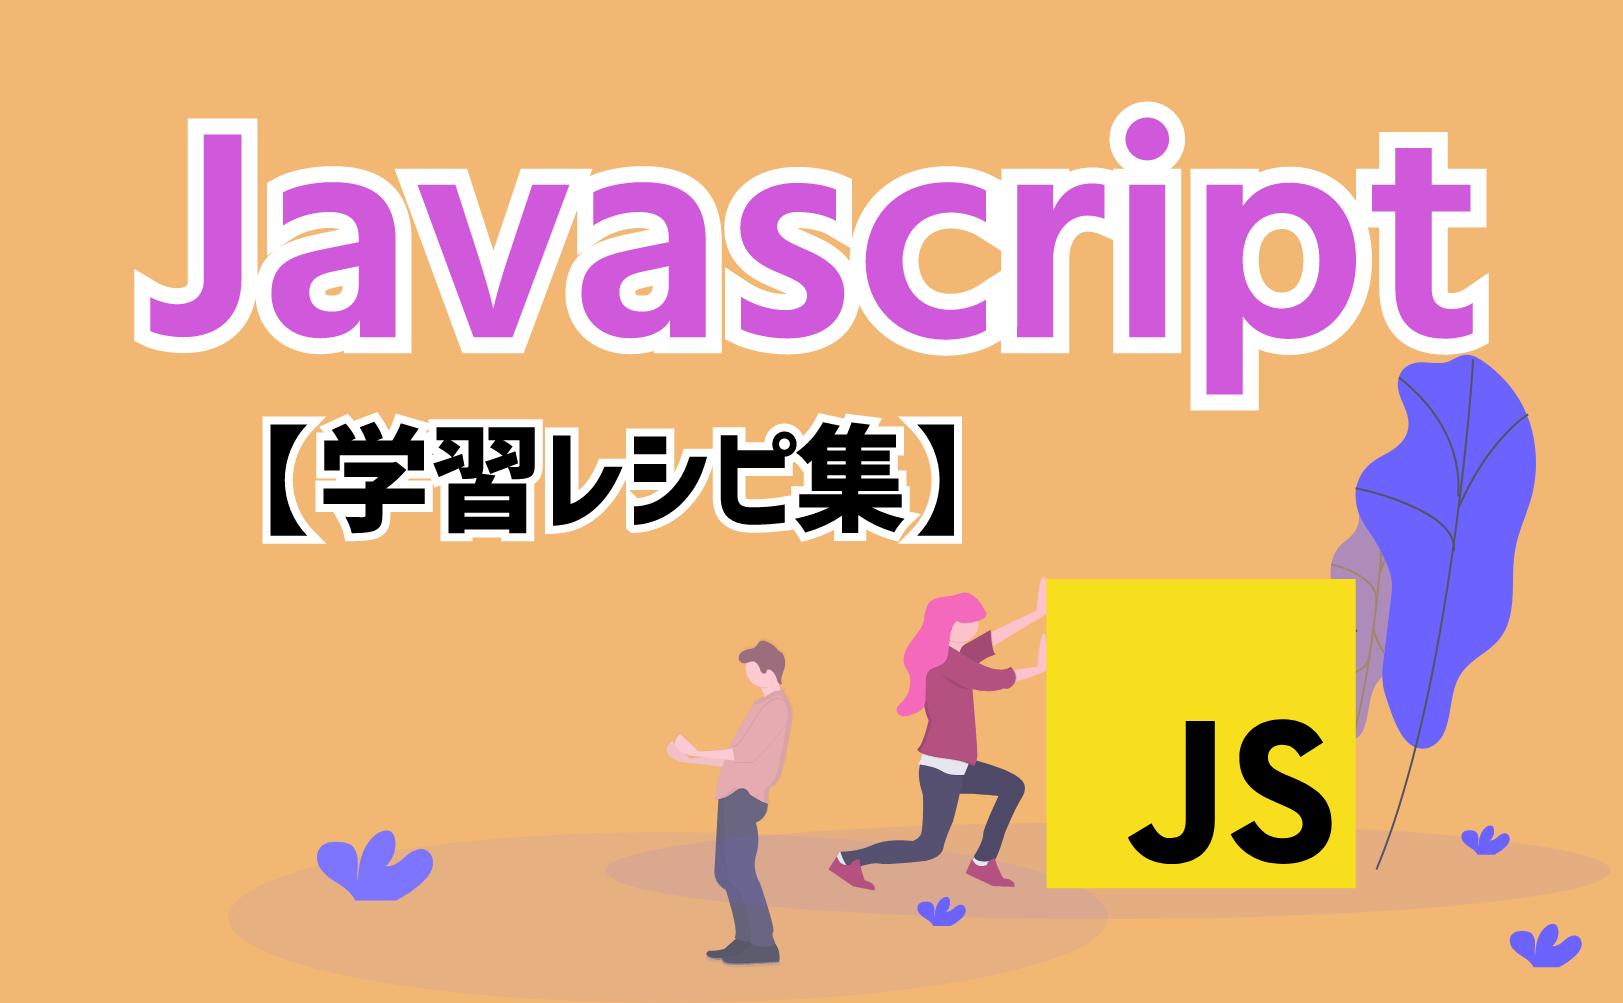 ゼロウェブマガジンの記事「【Javascriptは難しい?】完全初心者から中級者になる為のJavascript学習レシピ集」のアイキャッチ画像